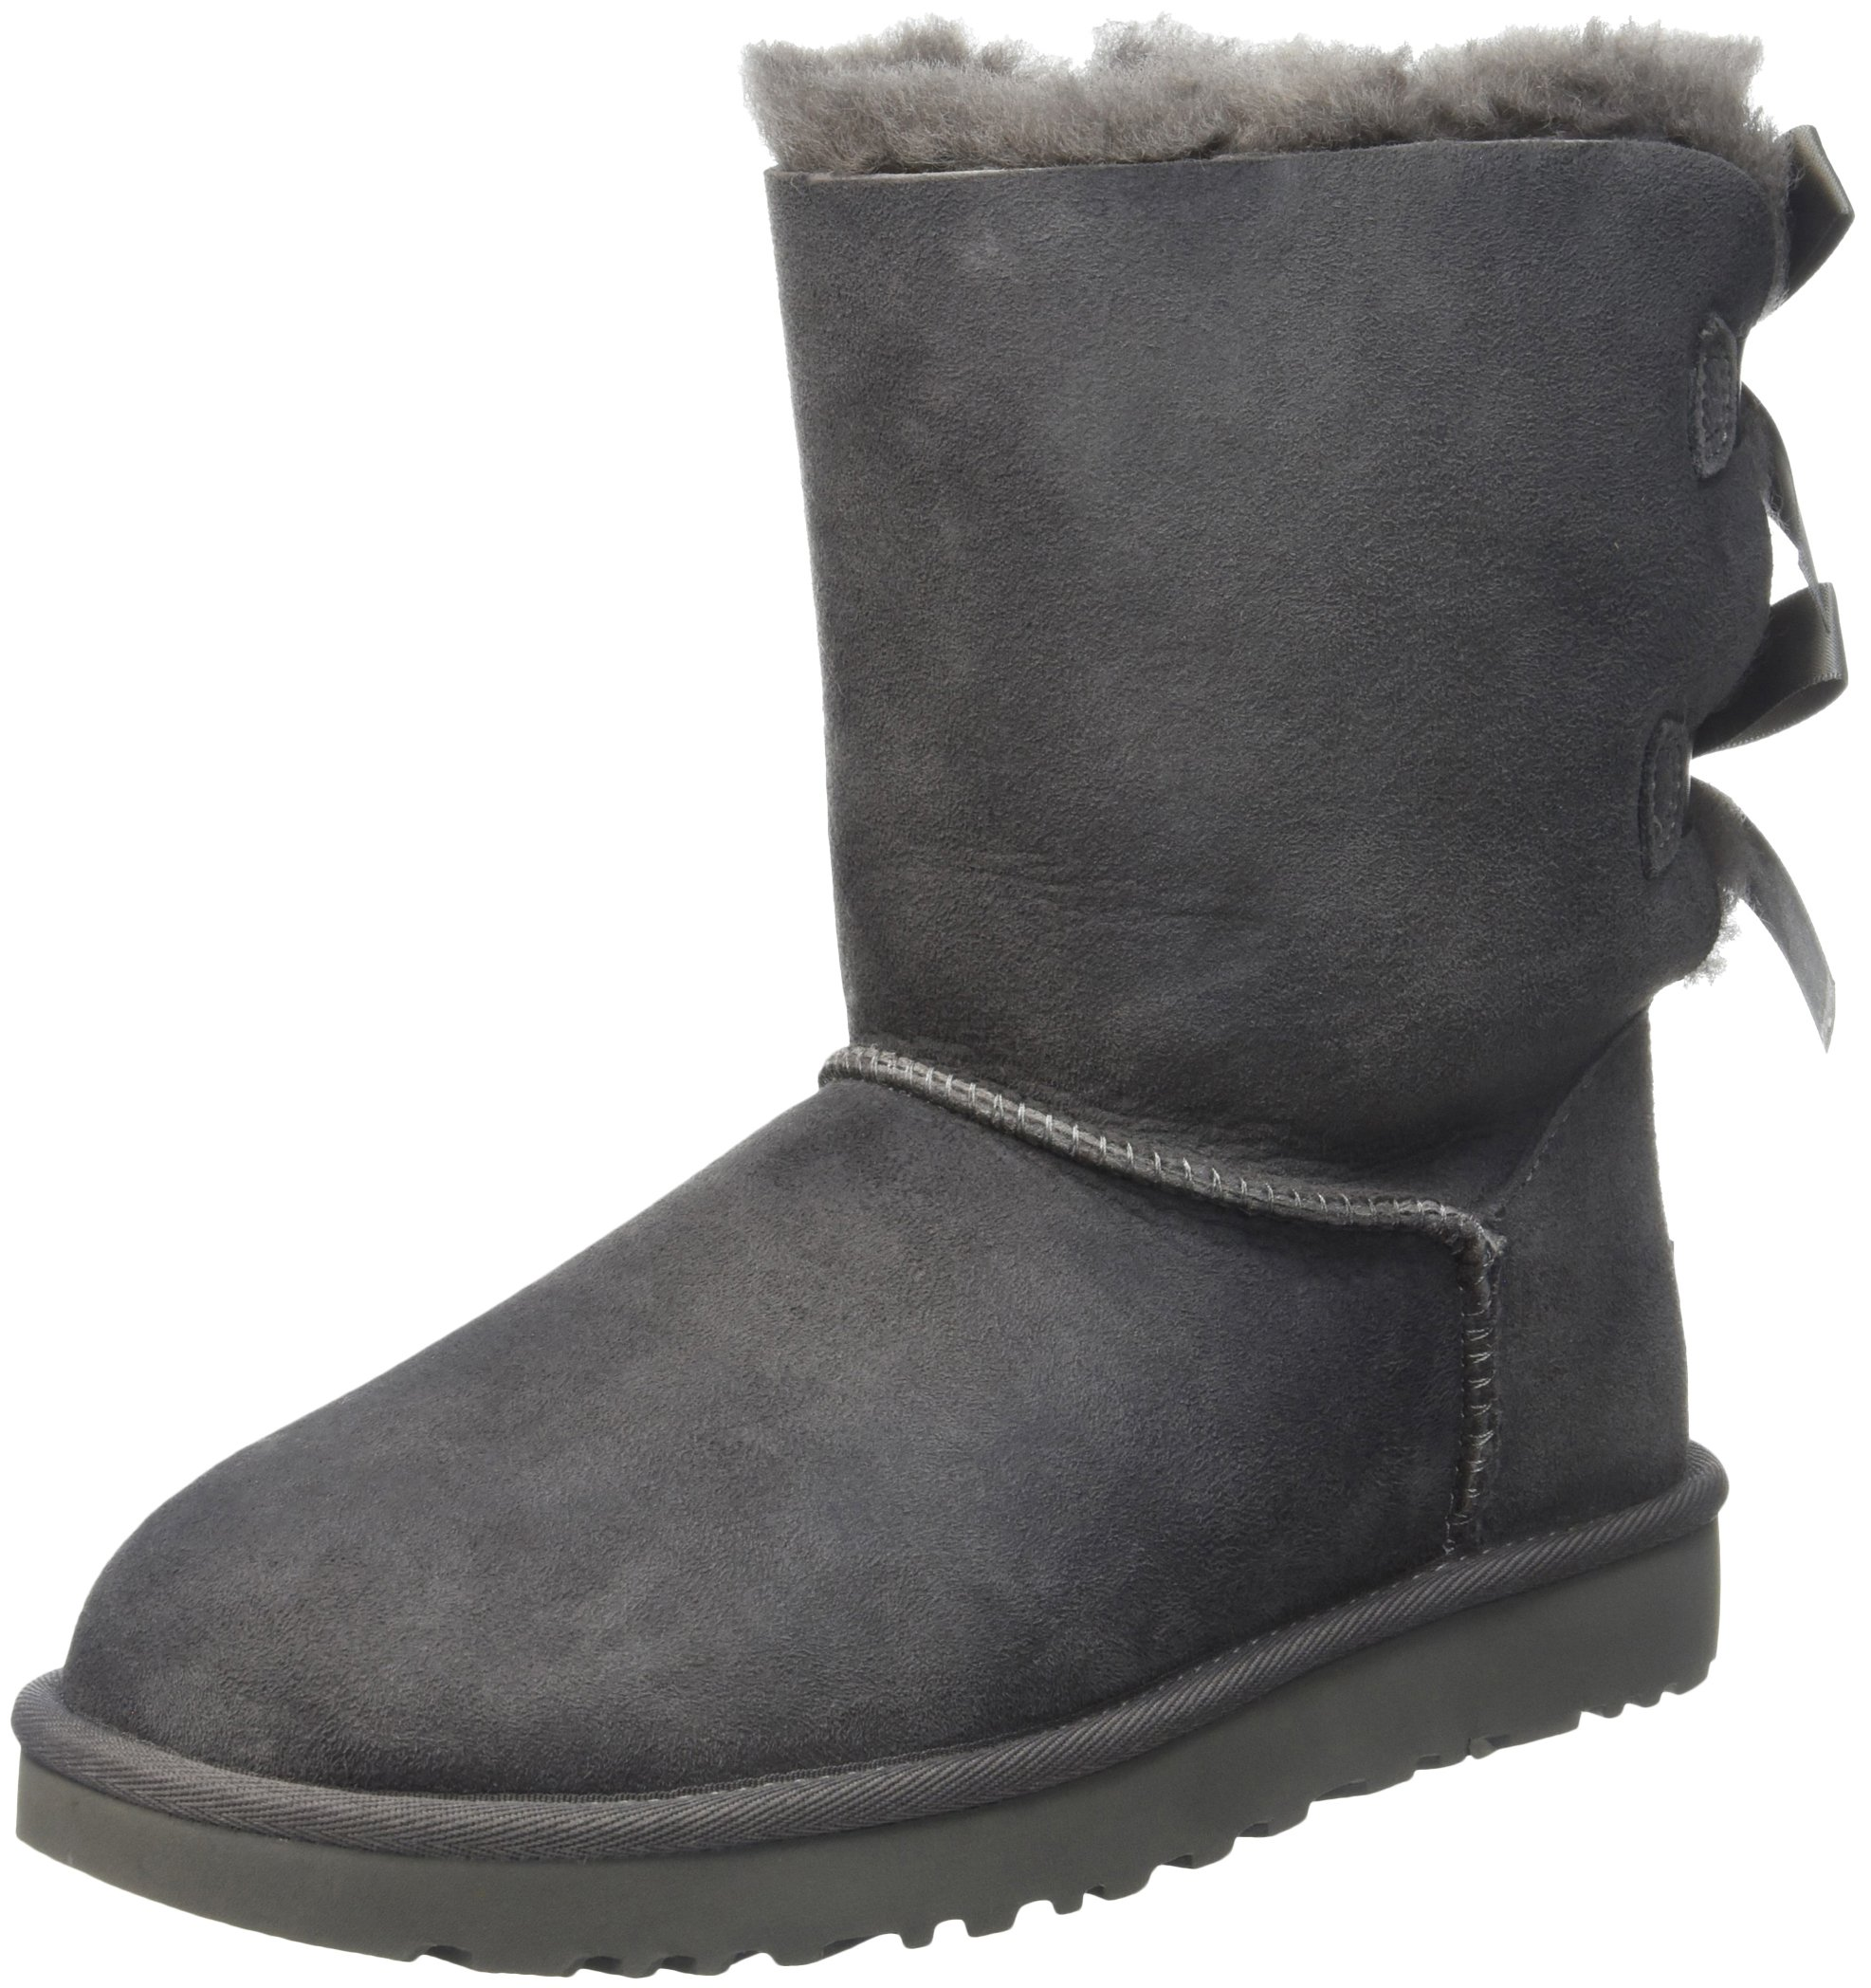 UGG Women's Bailey Bow II Winter Boot, Grey, 10 M US